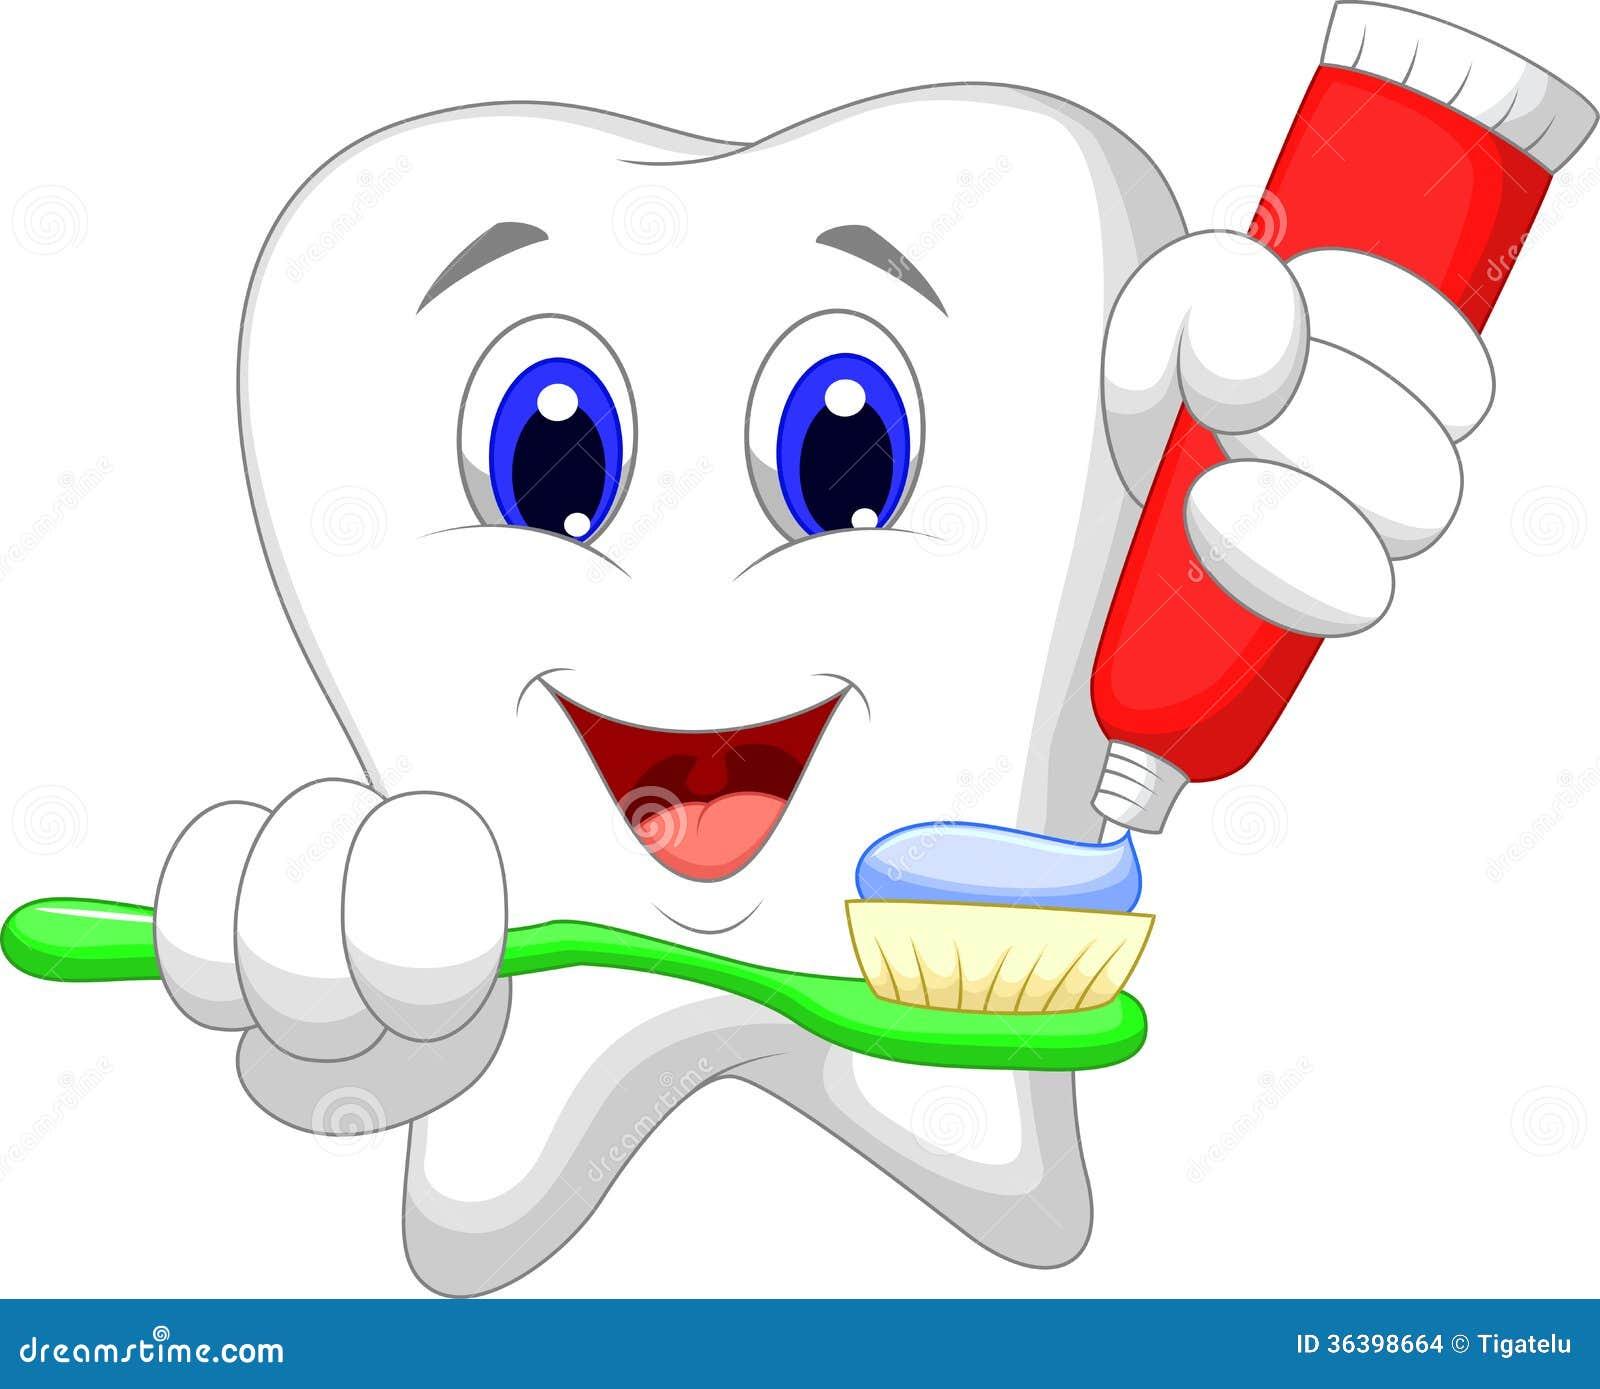 Desenhos Animados Do Dente Que Poem A Pasta De Dente Sobre Sua